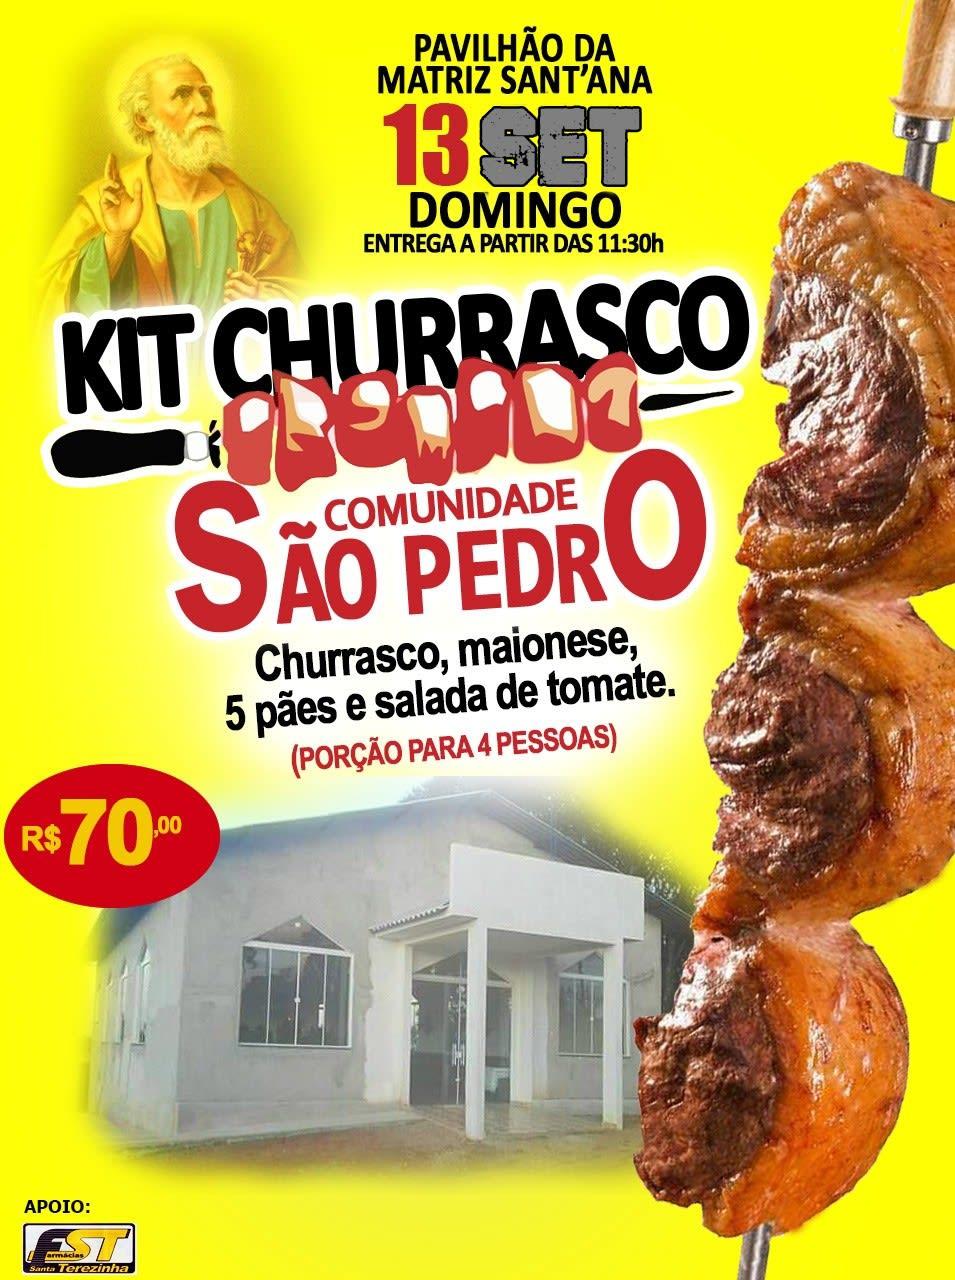 Última semana de vendas dos kits churrasco da festa em louvor São Pedro